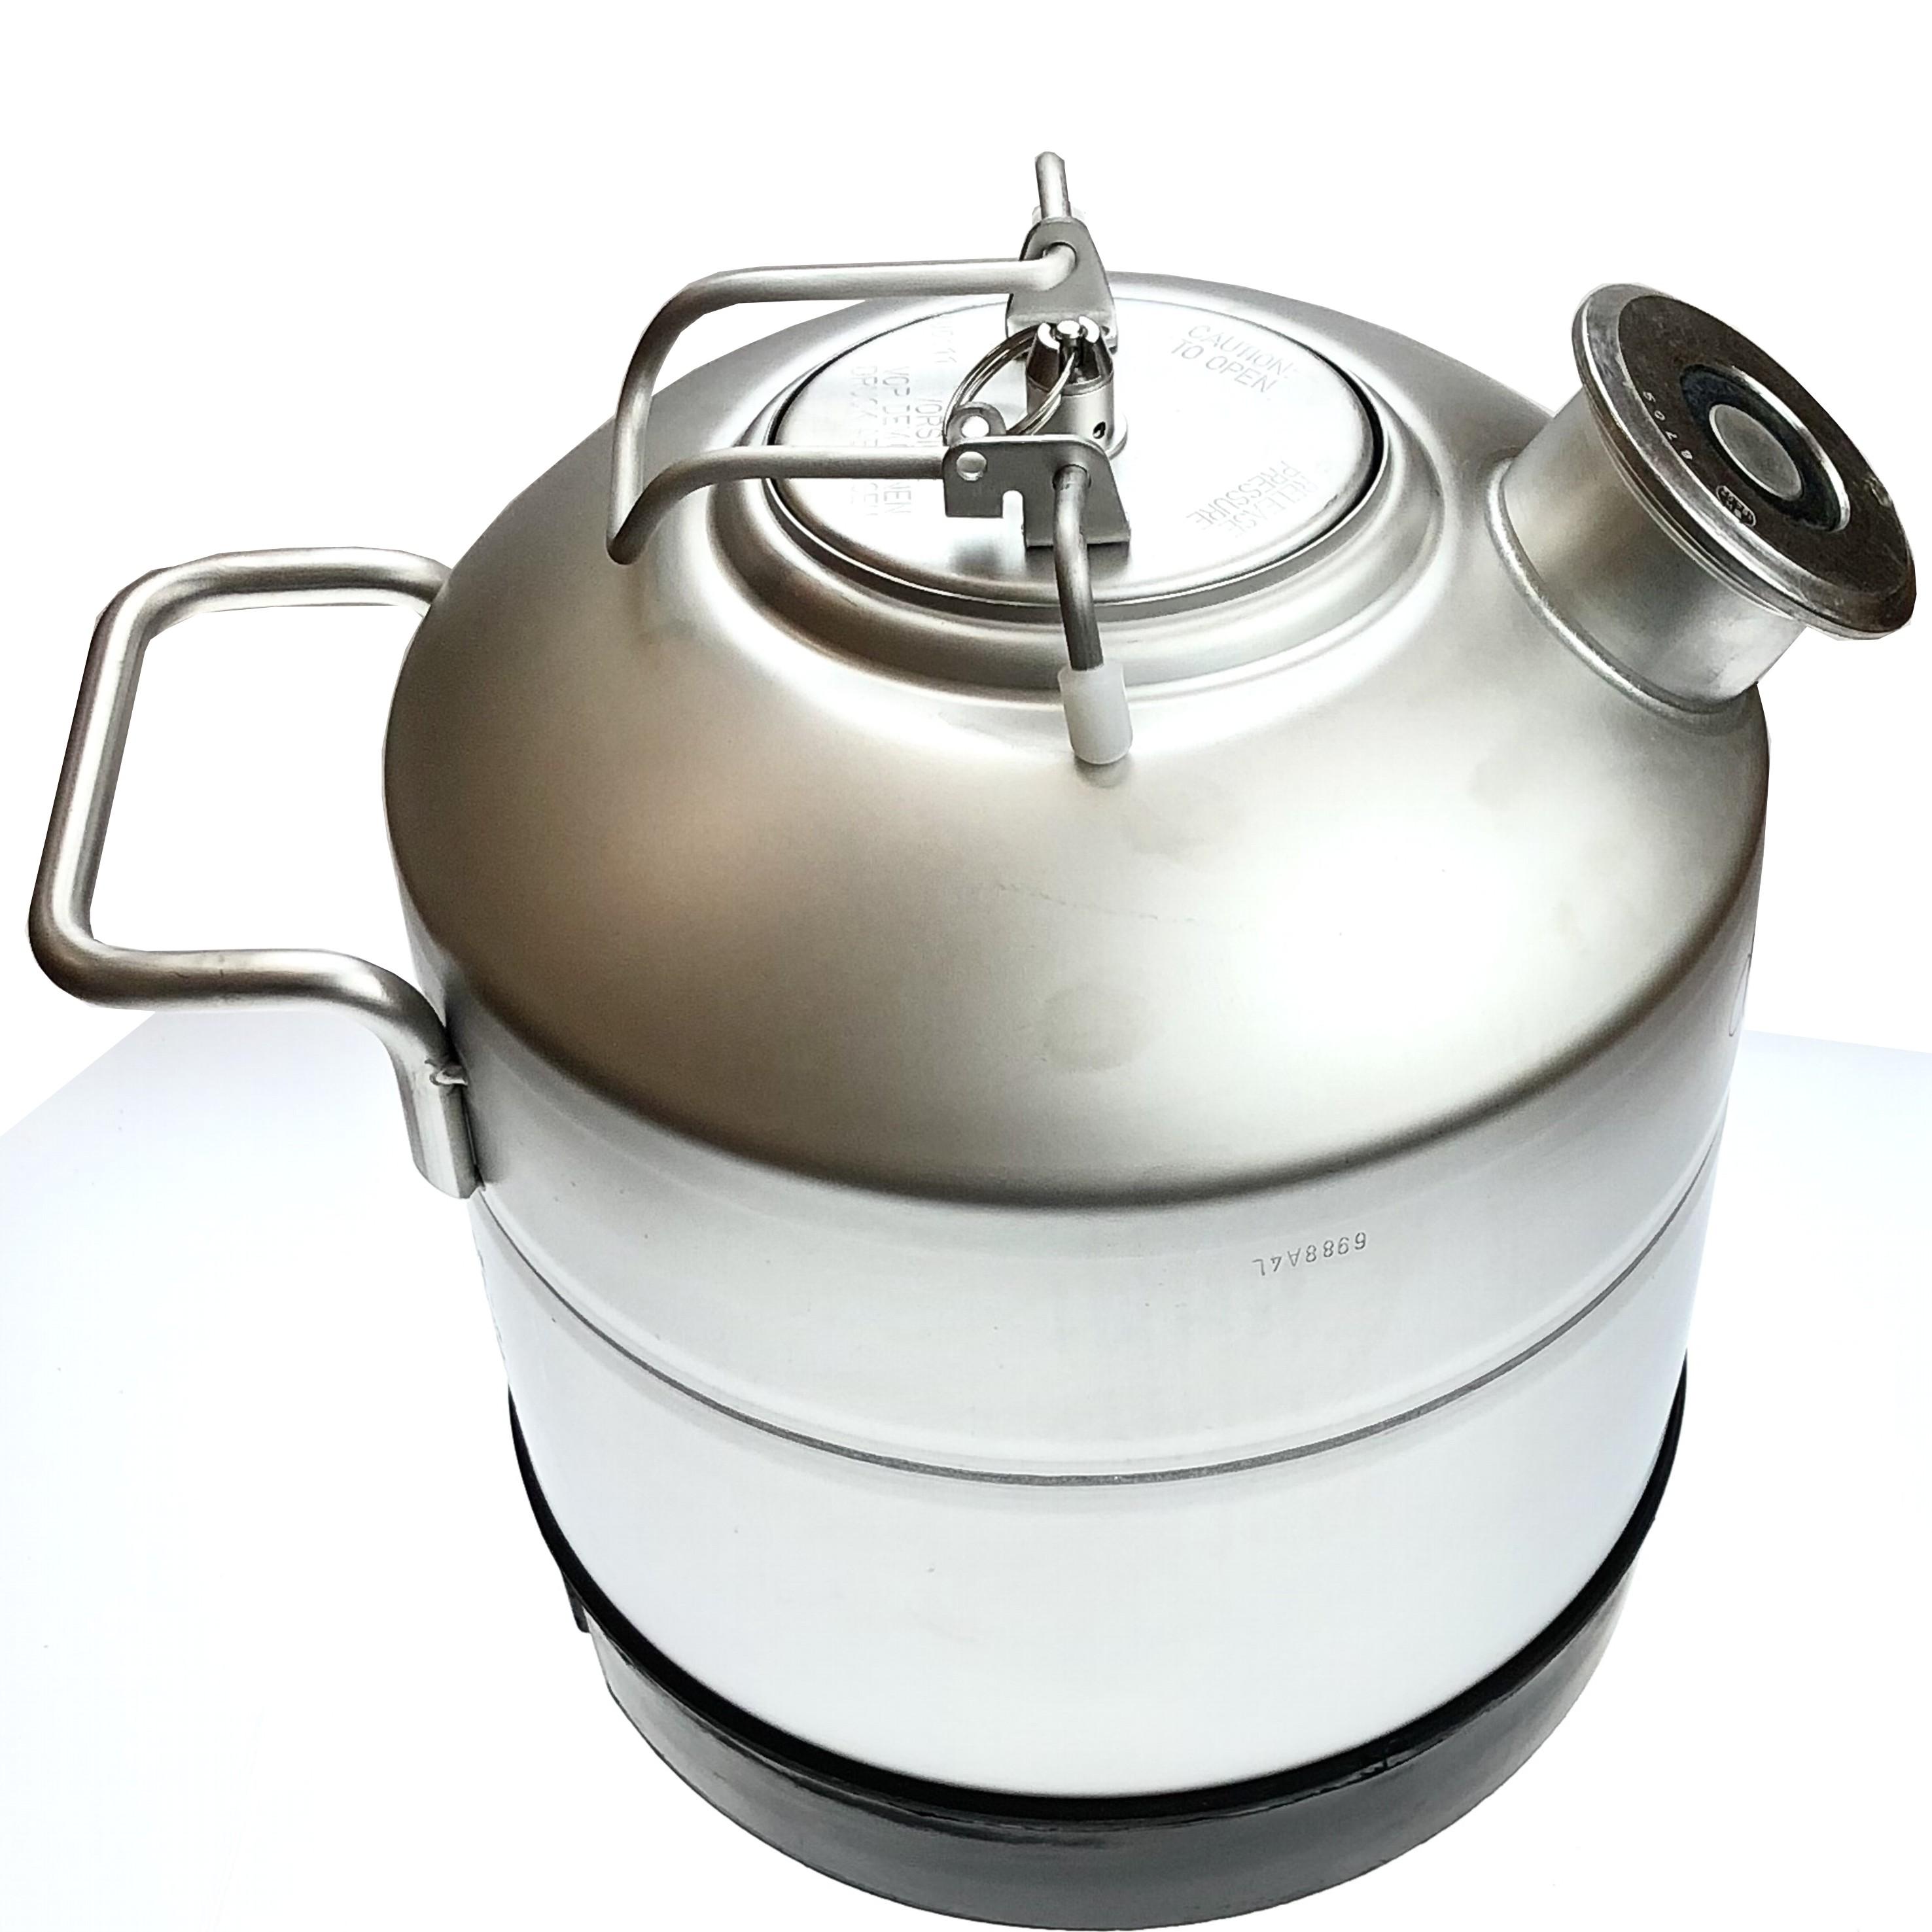 REINIGUNGSBEHÄLTER mit KÖPI FITTING 5 Liter Behälter für BIER ZAPFANLAGE TRESENs